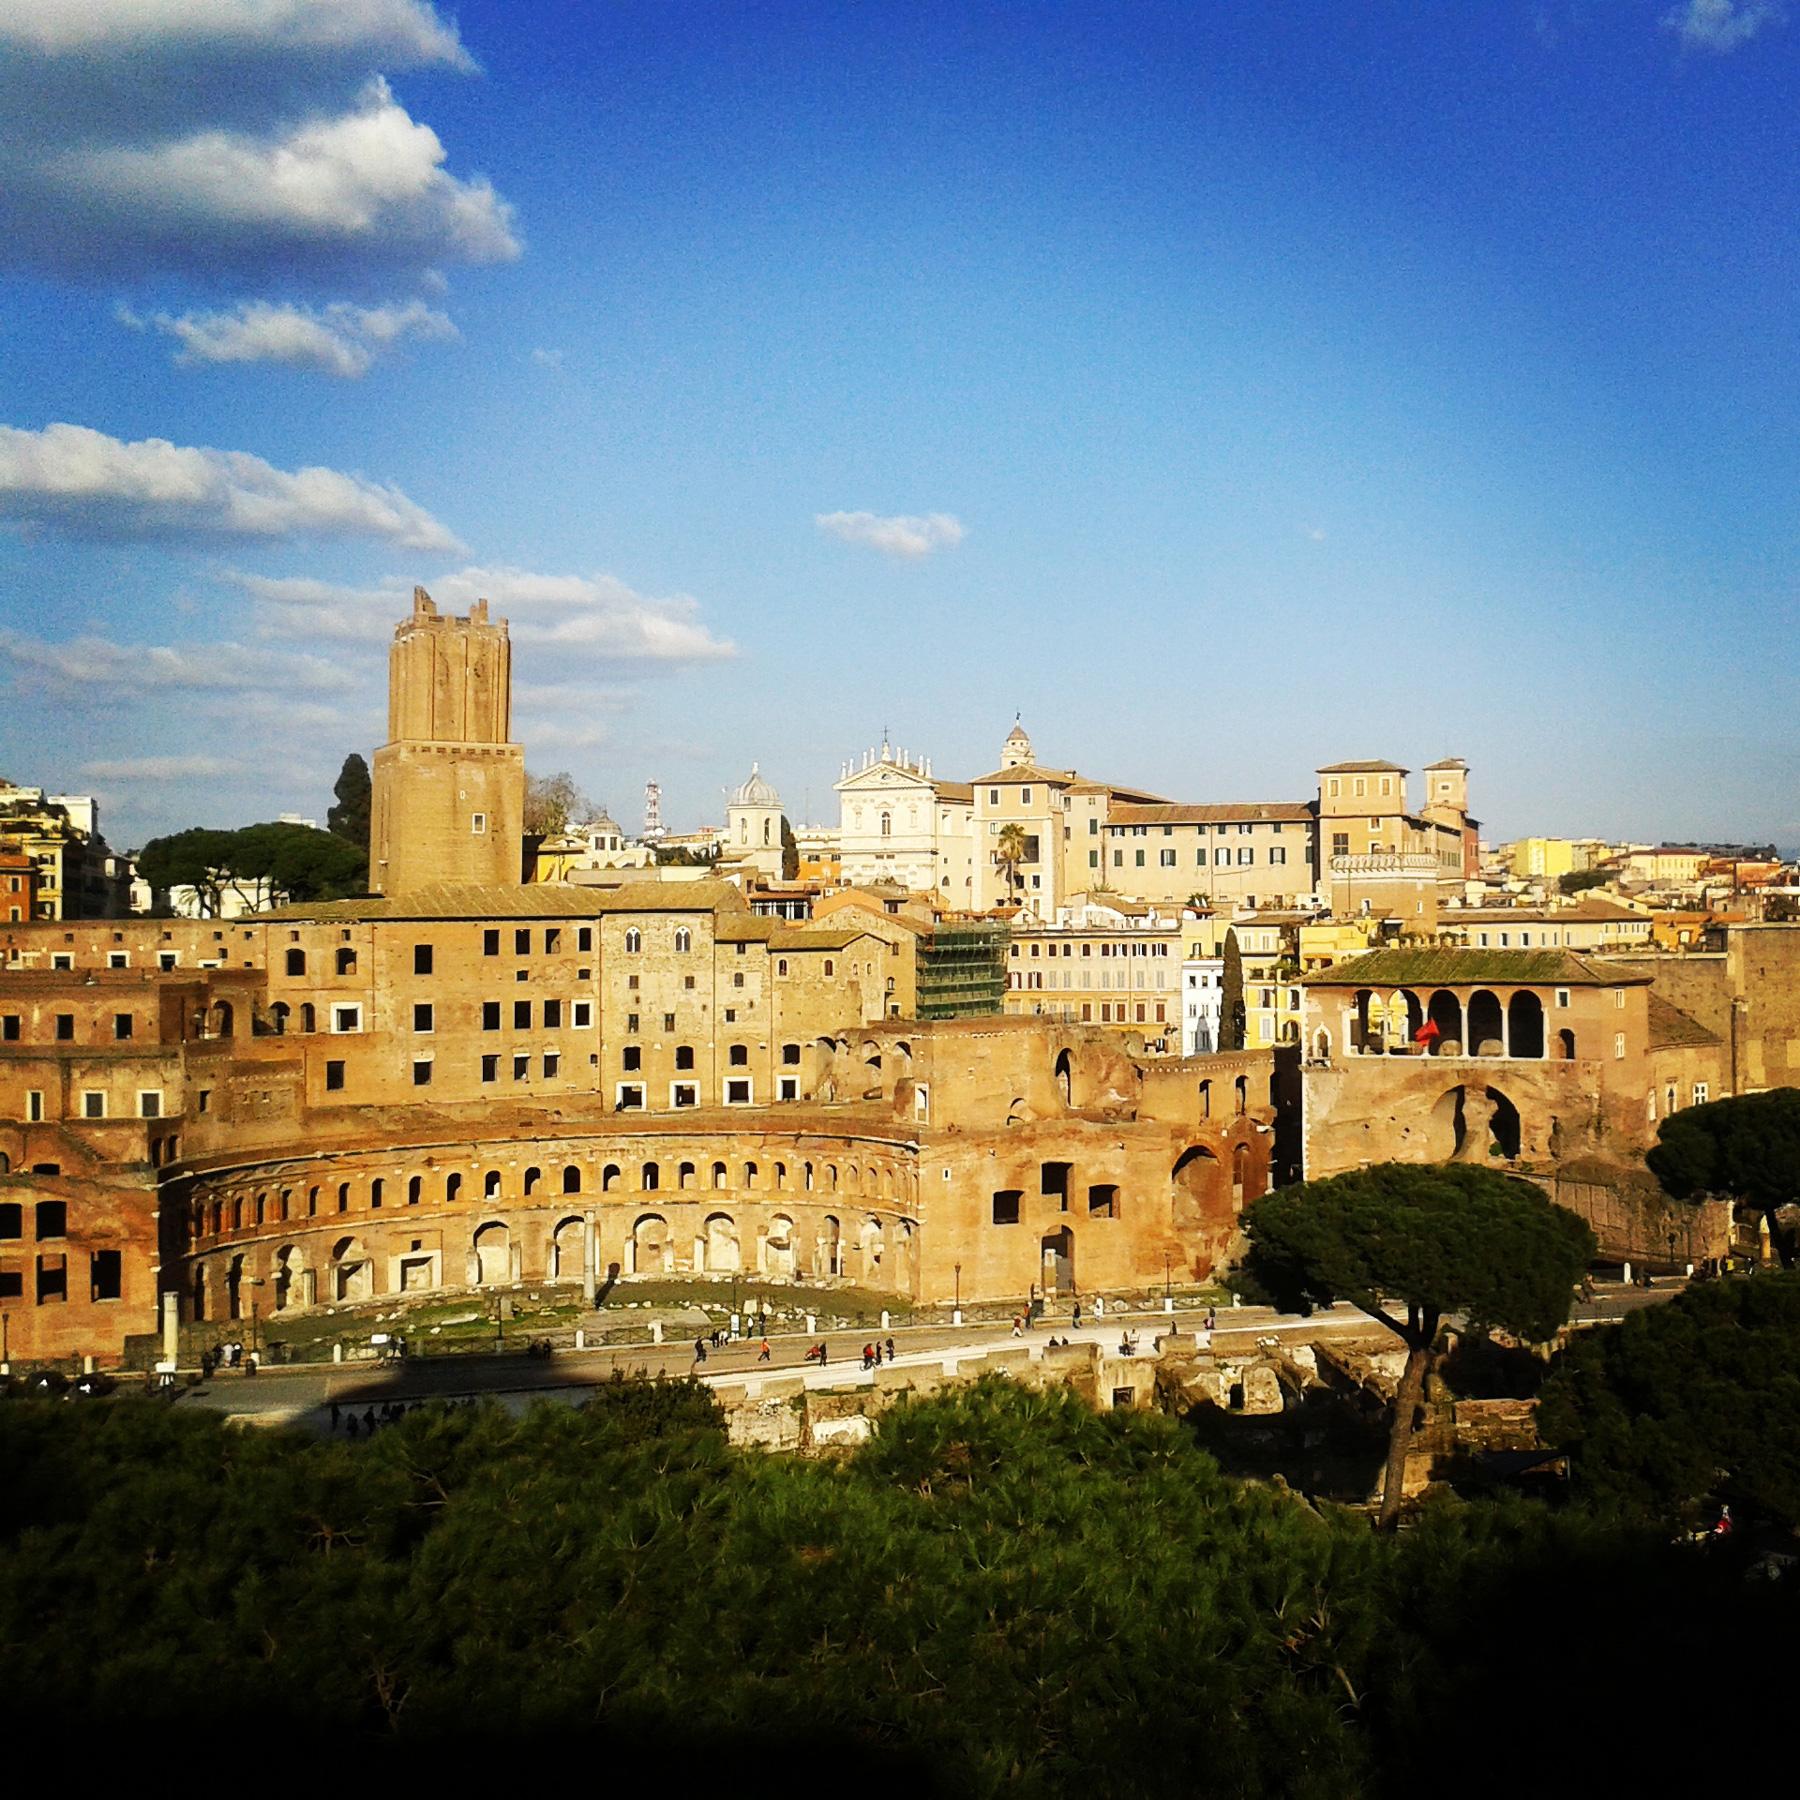 Roma y sus 7 colinas